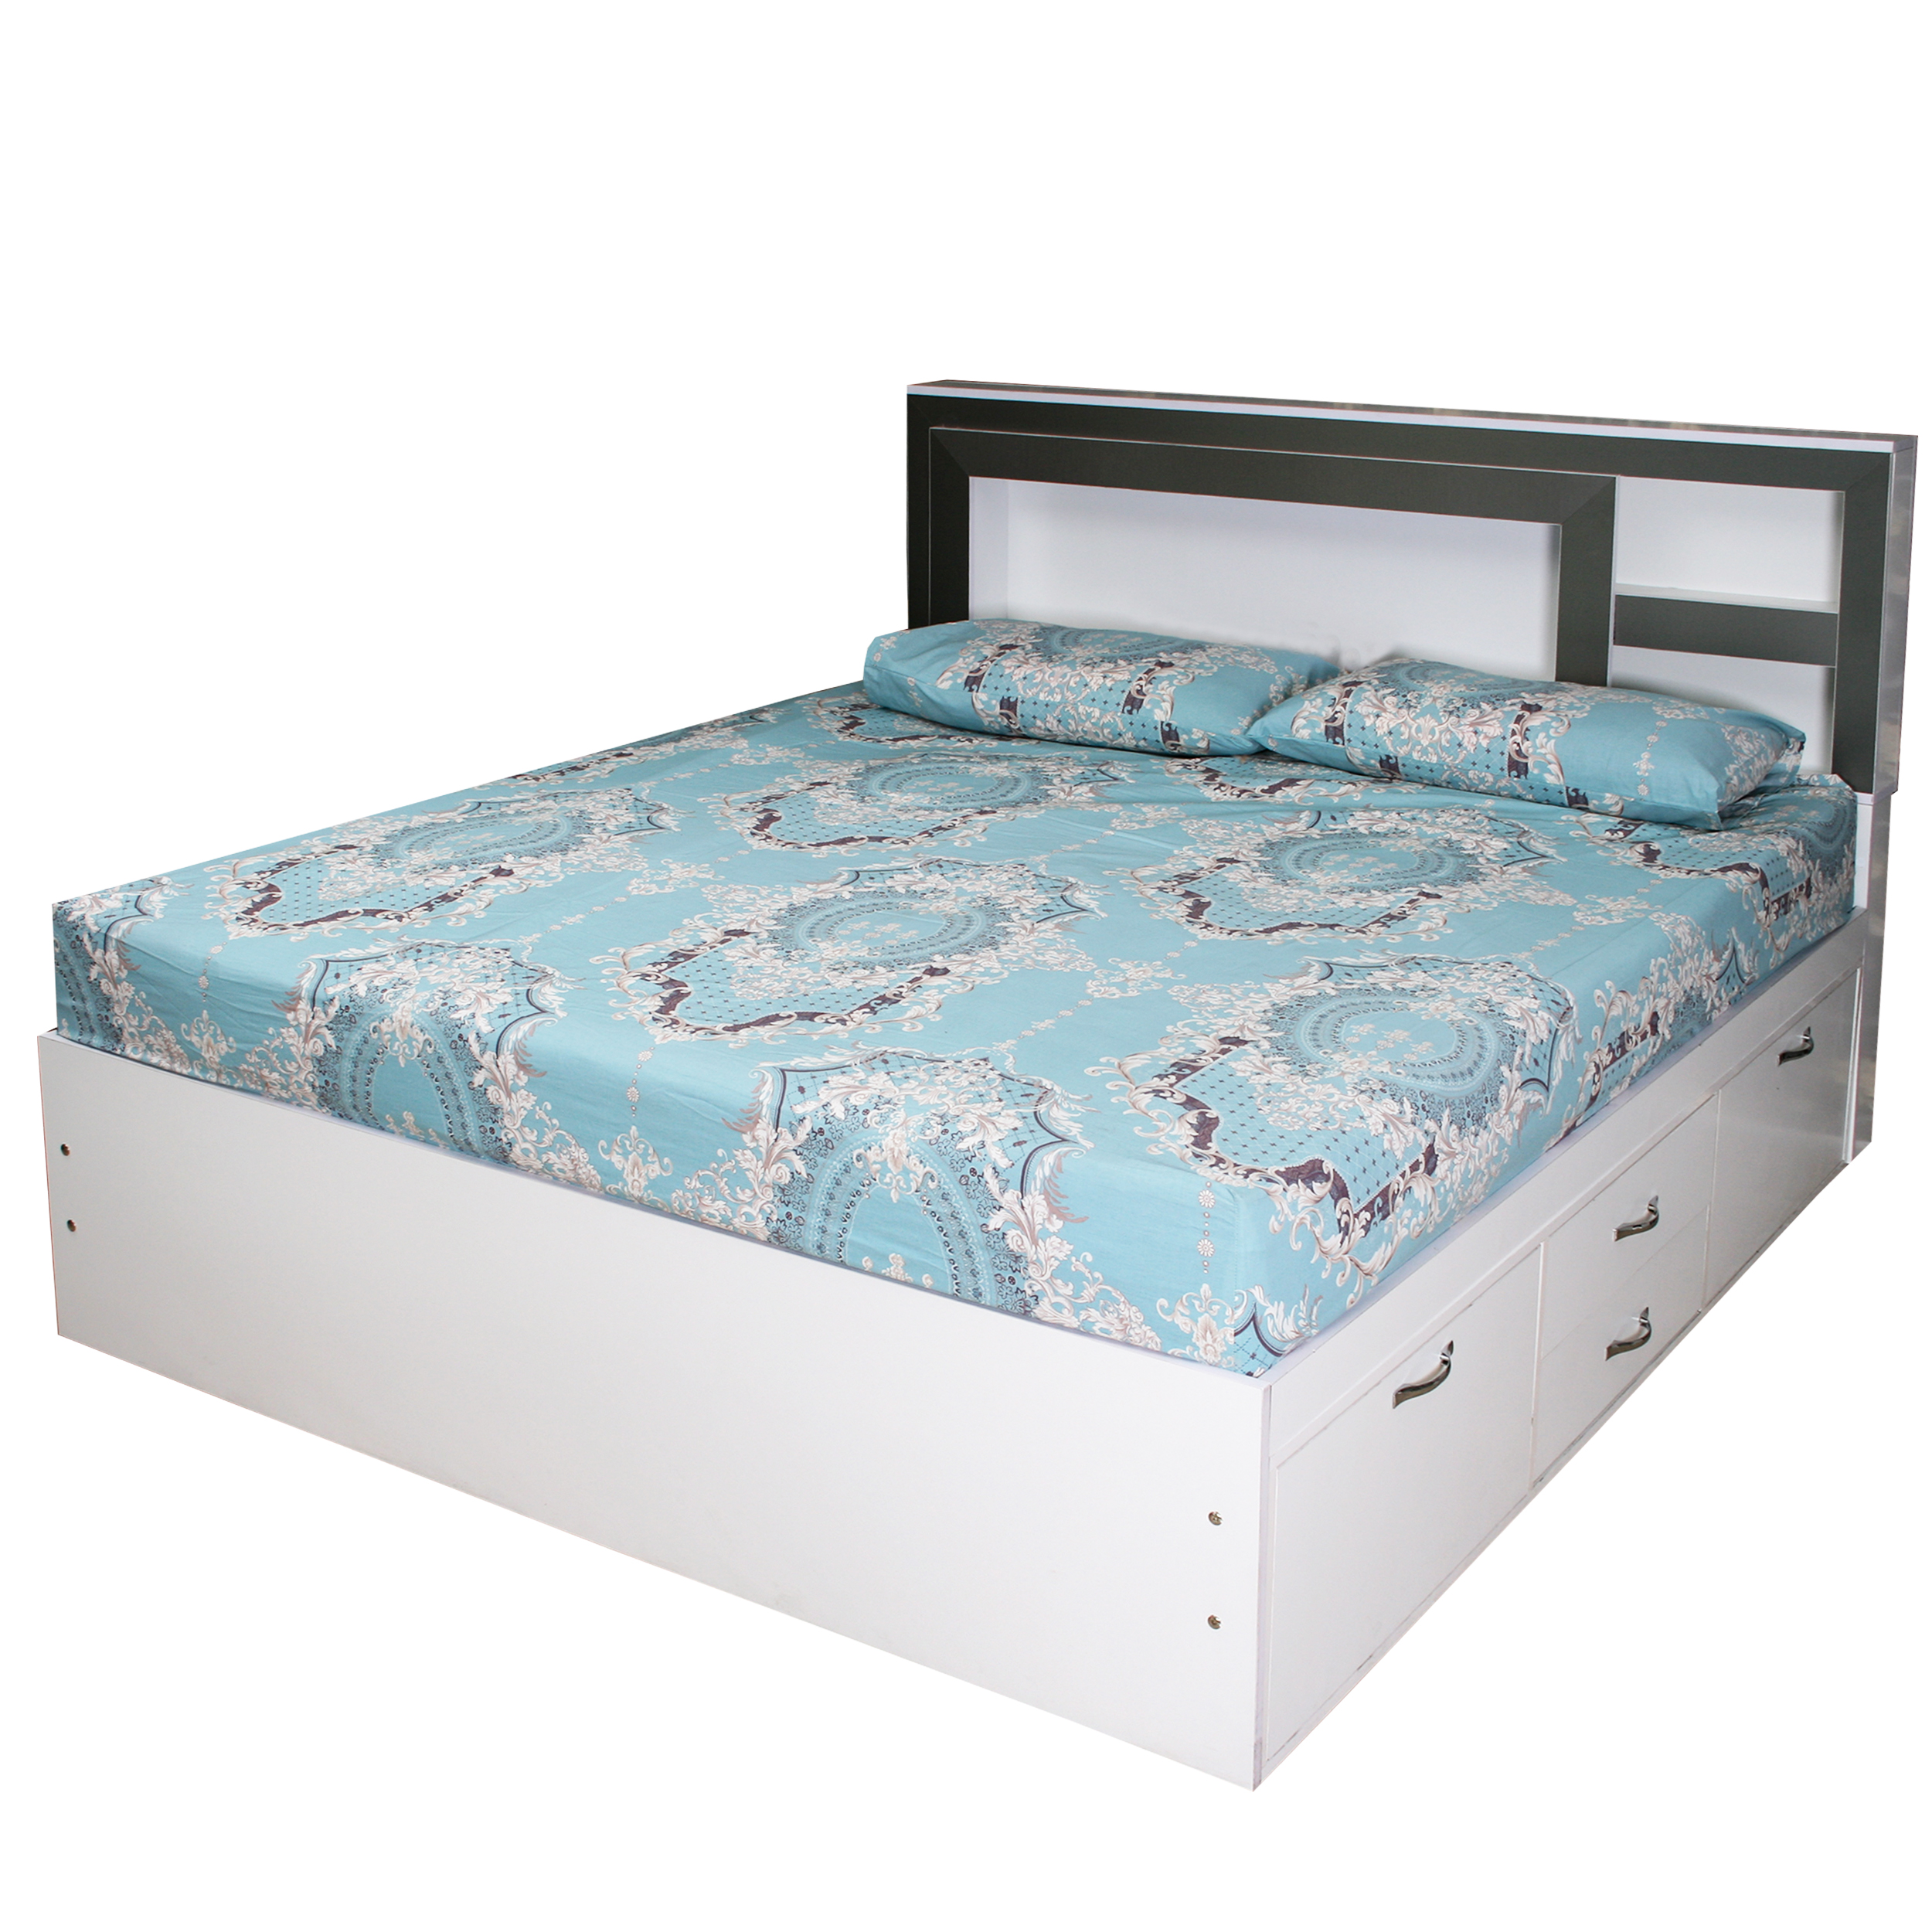 تخت خواب 2 نفره کد MD006 سایز 160×200 سانتی متر